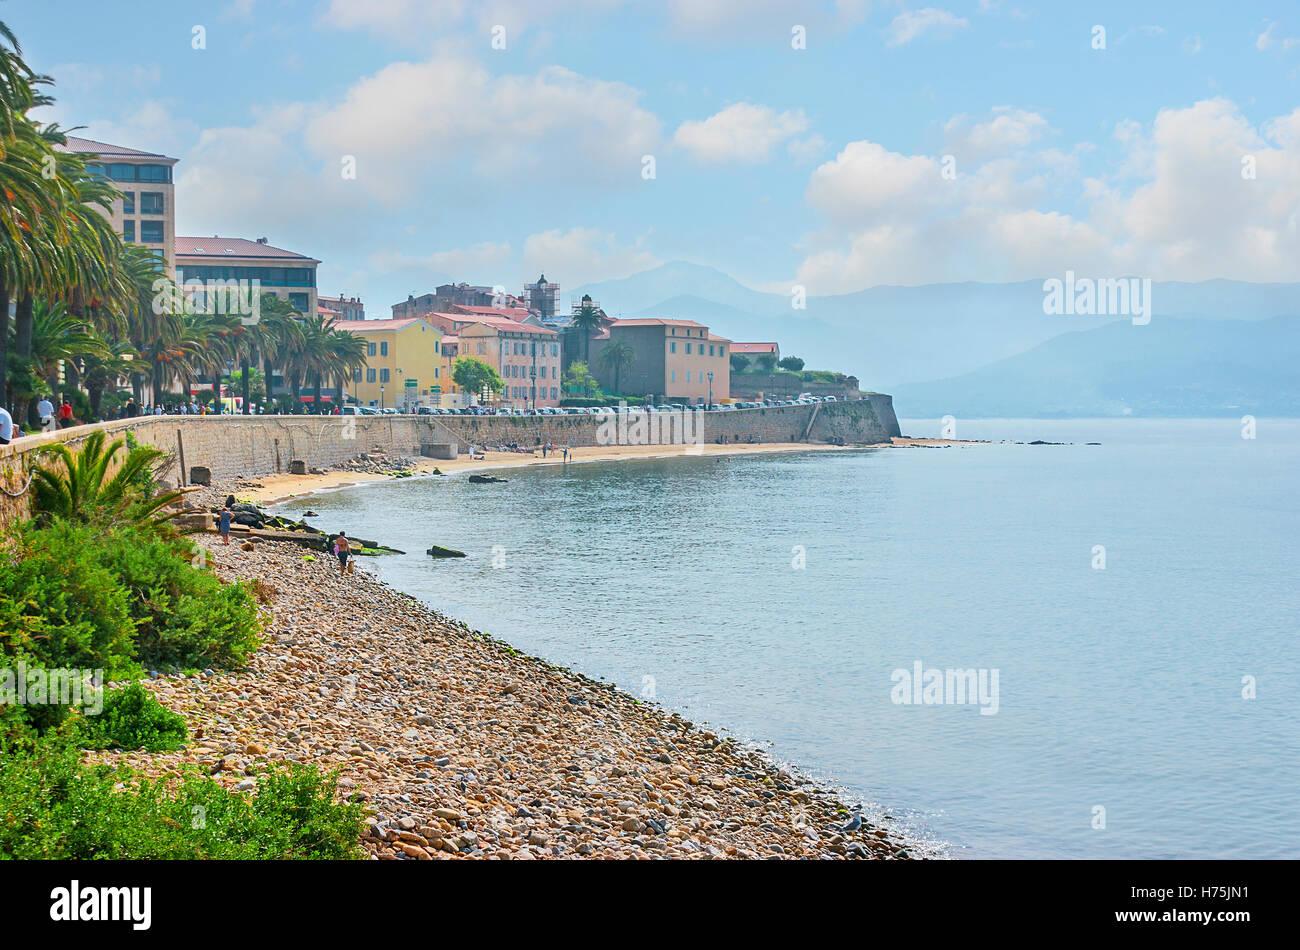 Der Spaziergang entlang der Küste von Ajaccio, eines der schönsten Resorts von Korsika, Frankreich. Stockbild